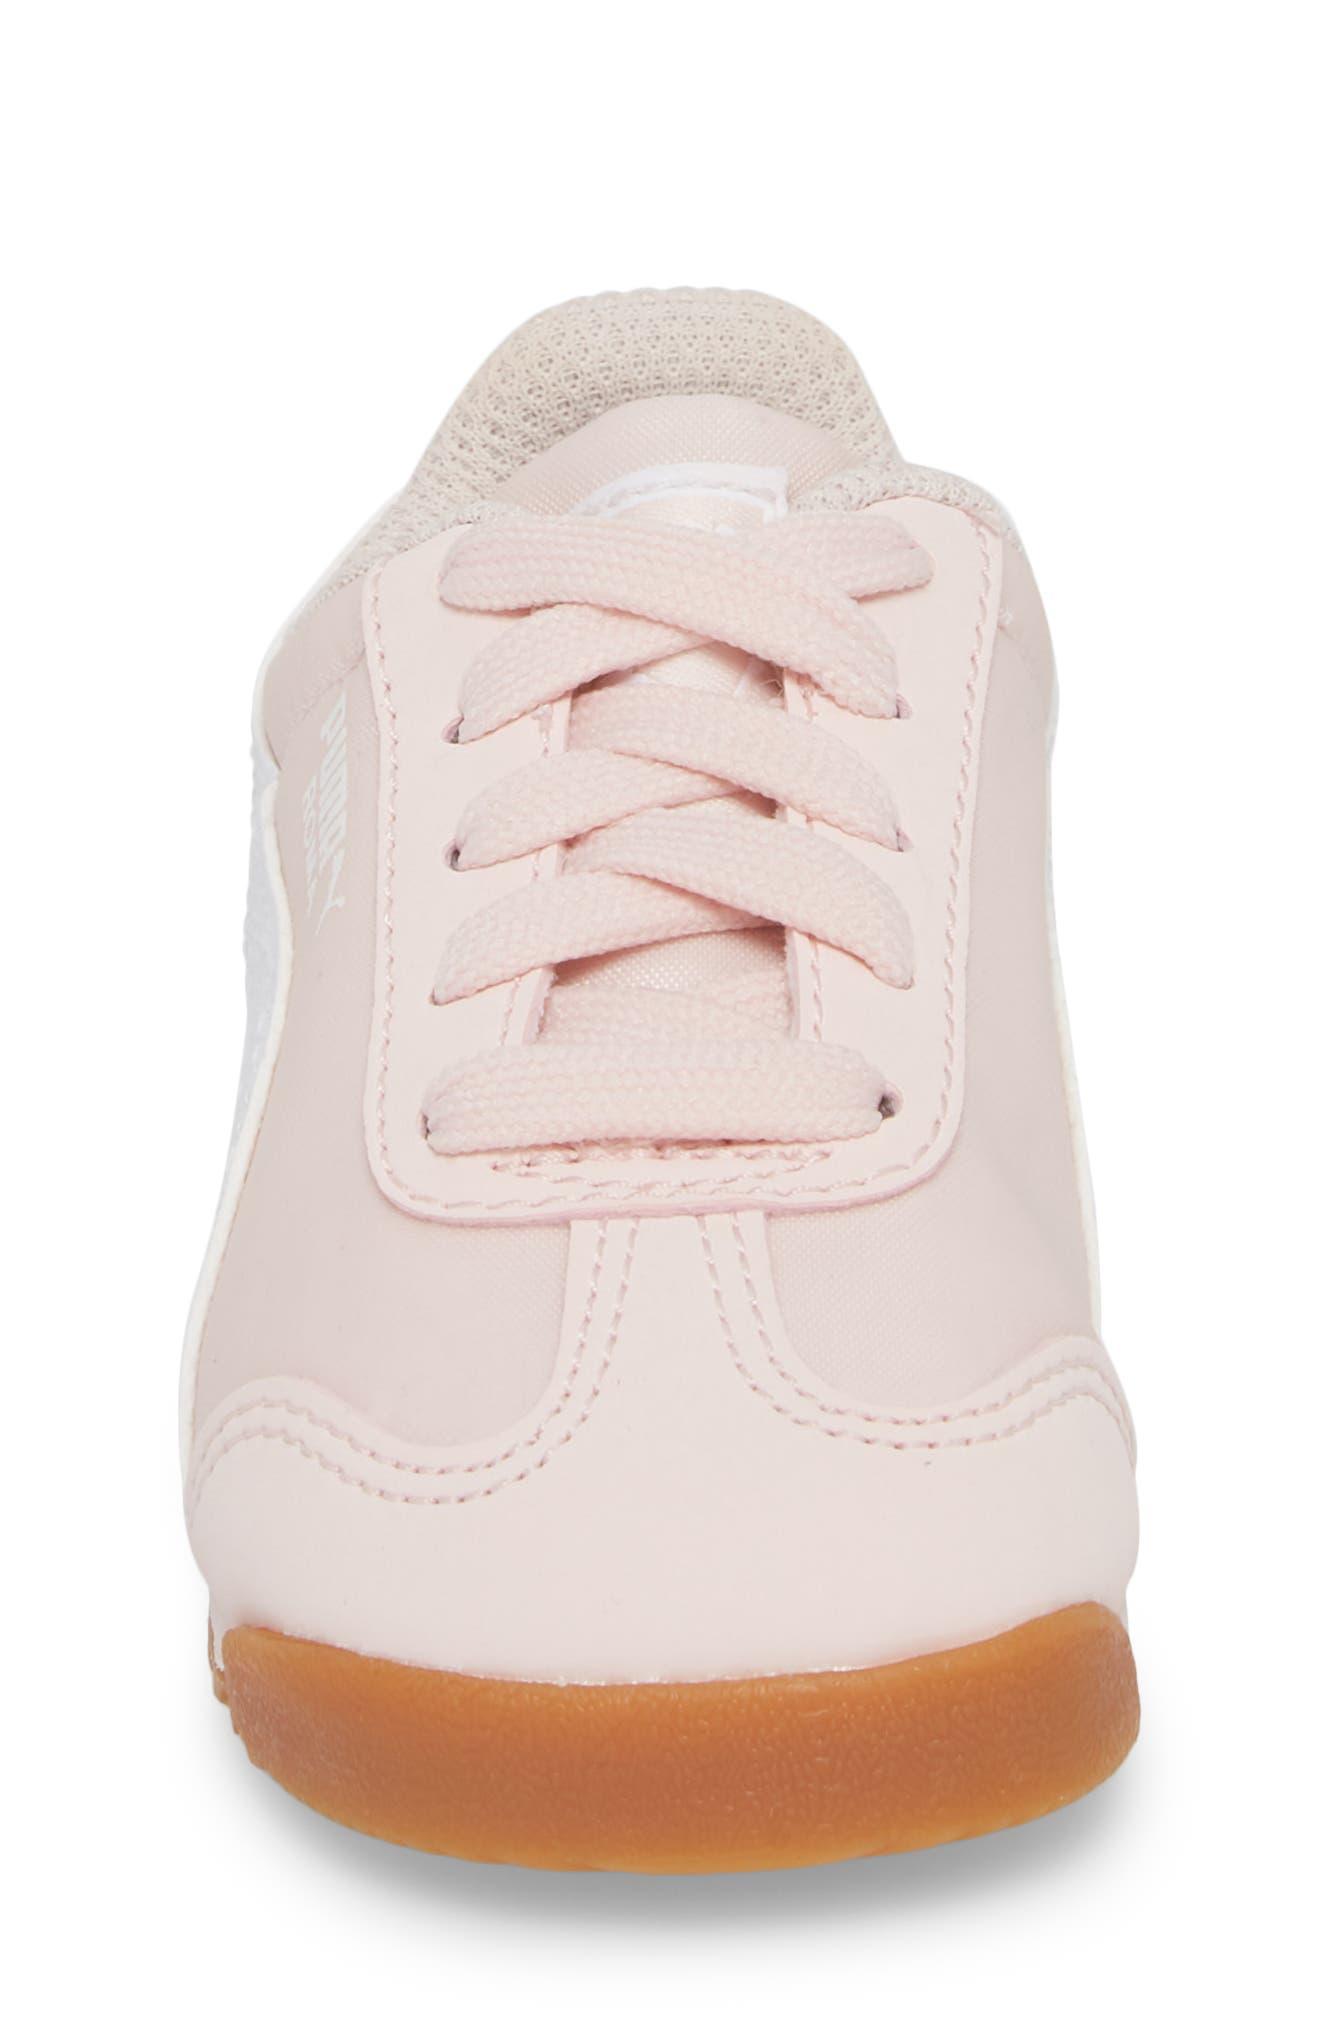 Roma Basic Summer Sneaker,                             Alternate thumbnail 4, color,                             Pearl/ White